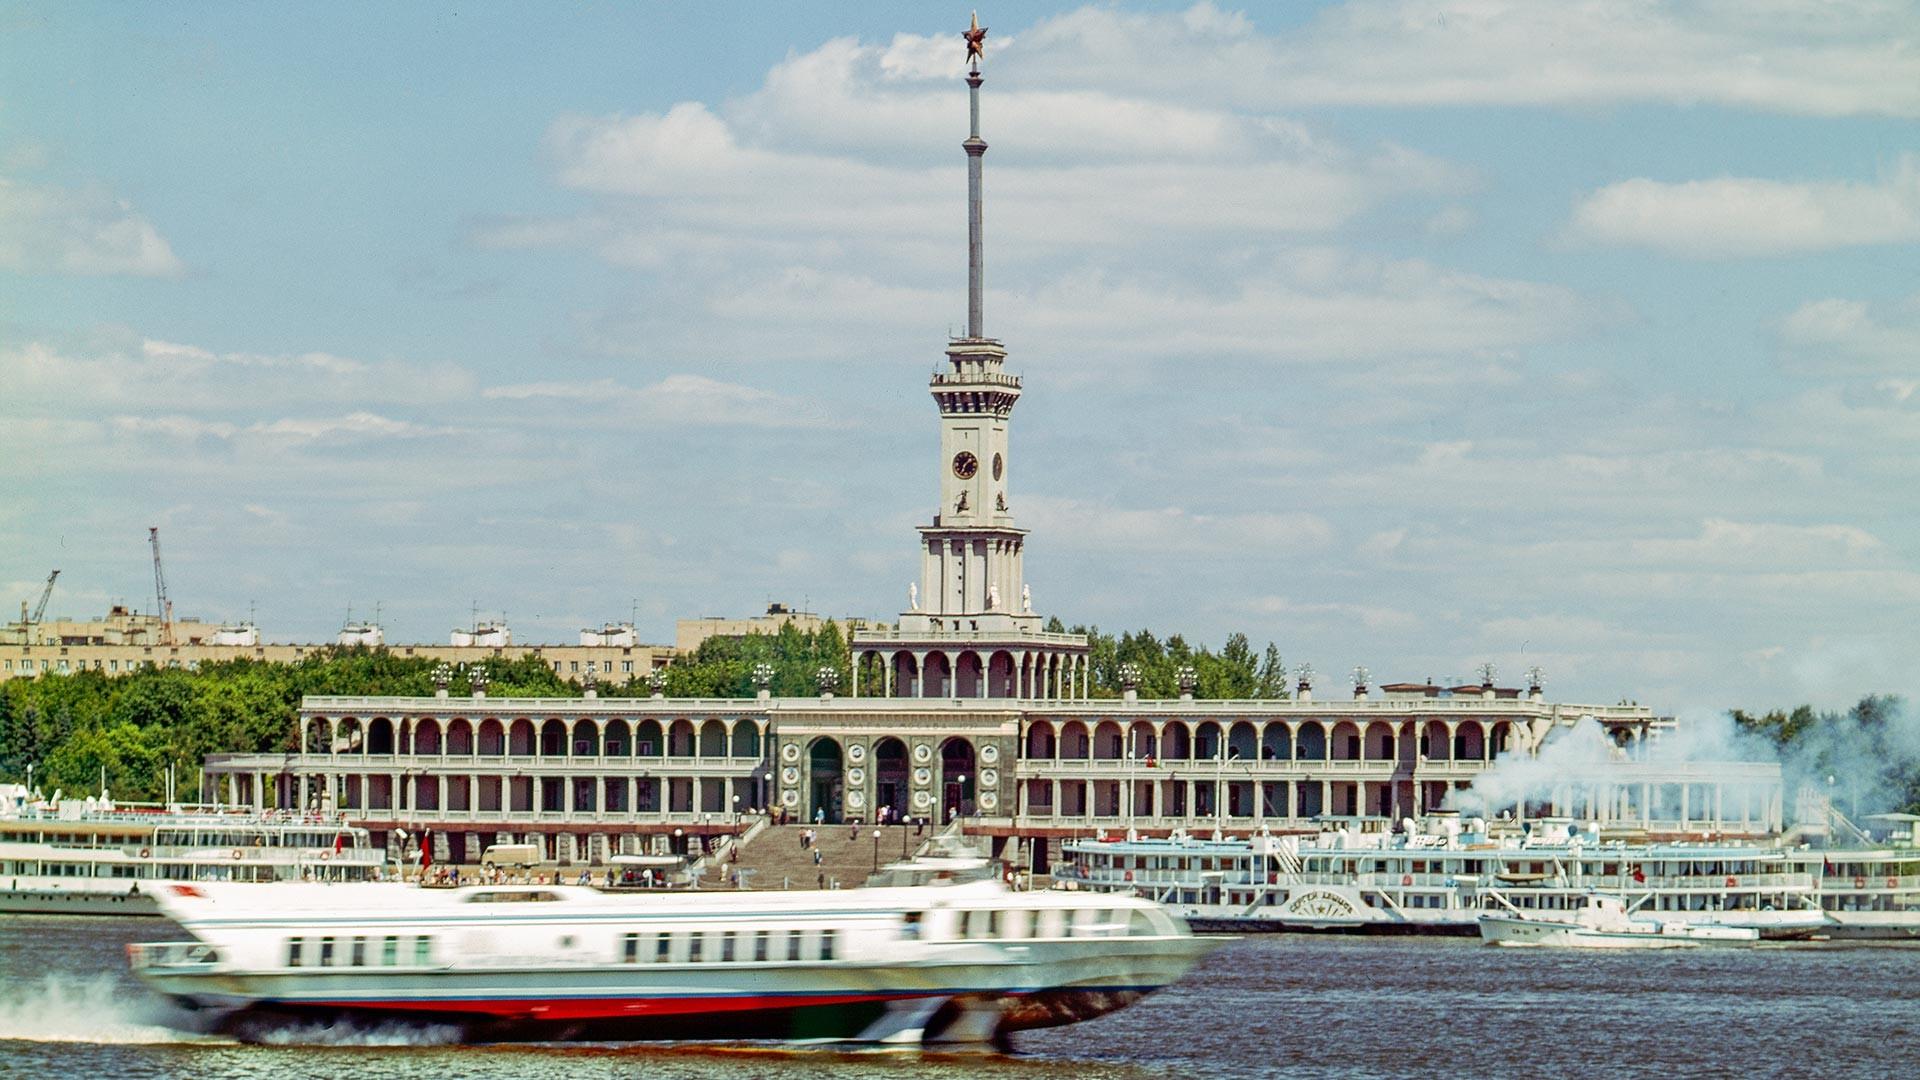 Северни речни терминал на обали Химкинског акумулационог језера.